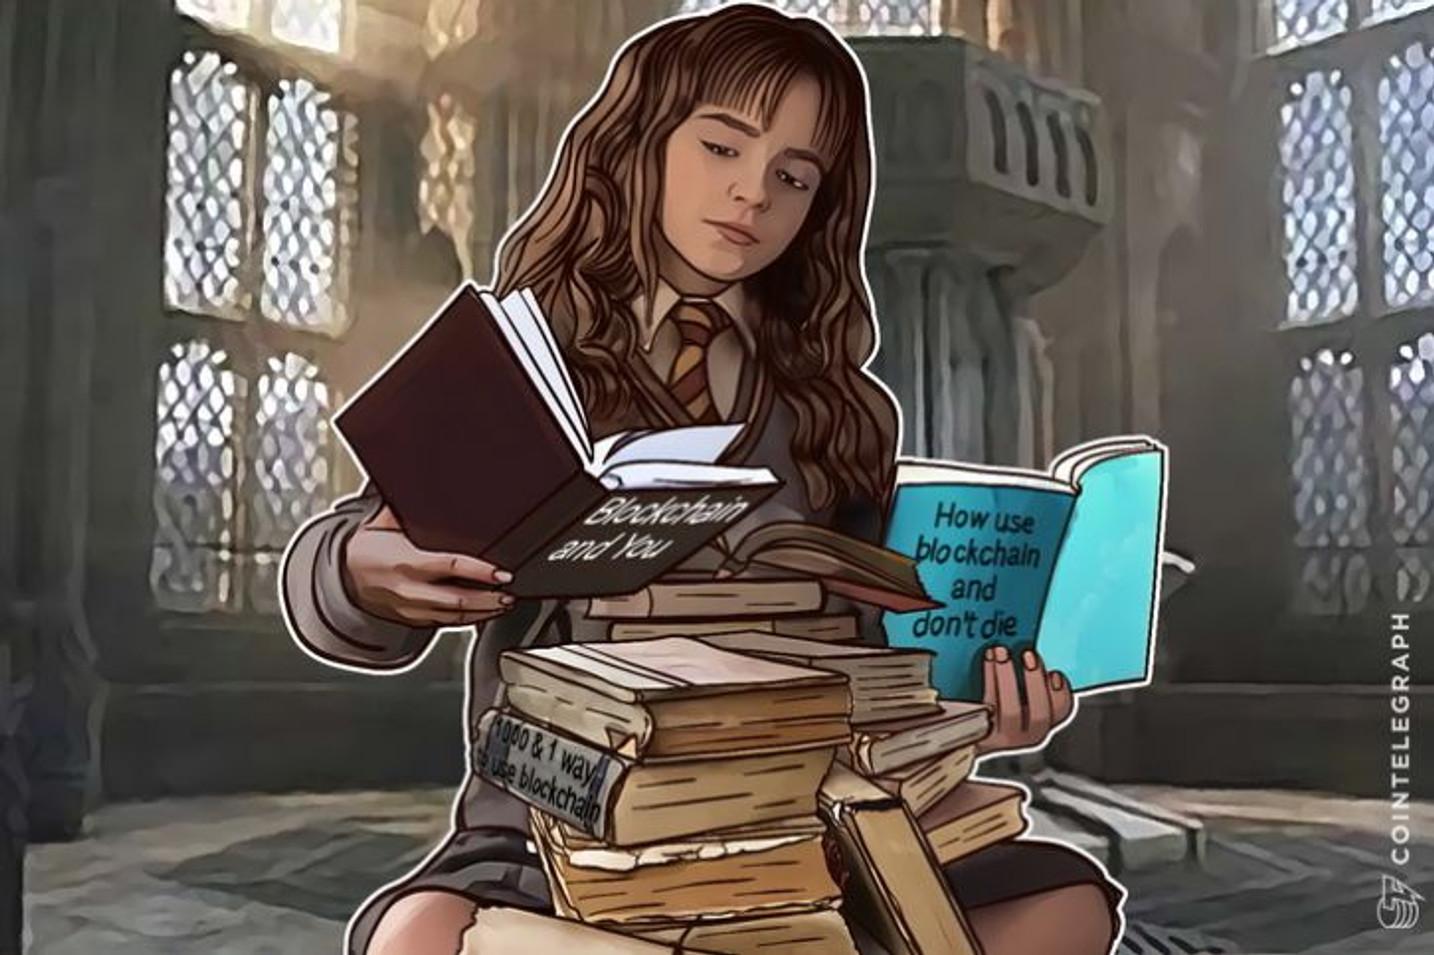 Pet knjiga o blockchain-u i bitkoinu koje vam mogu biti od koristi